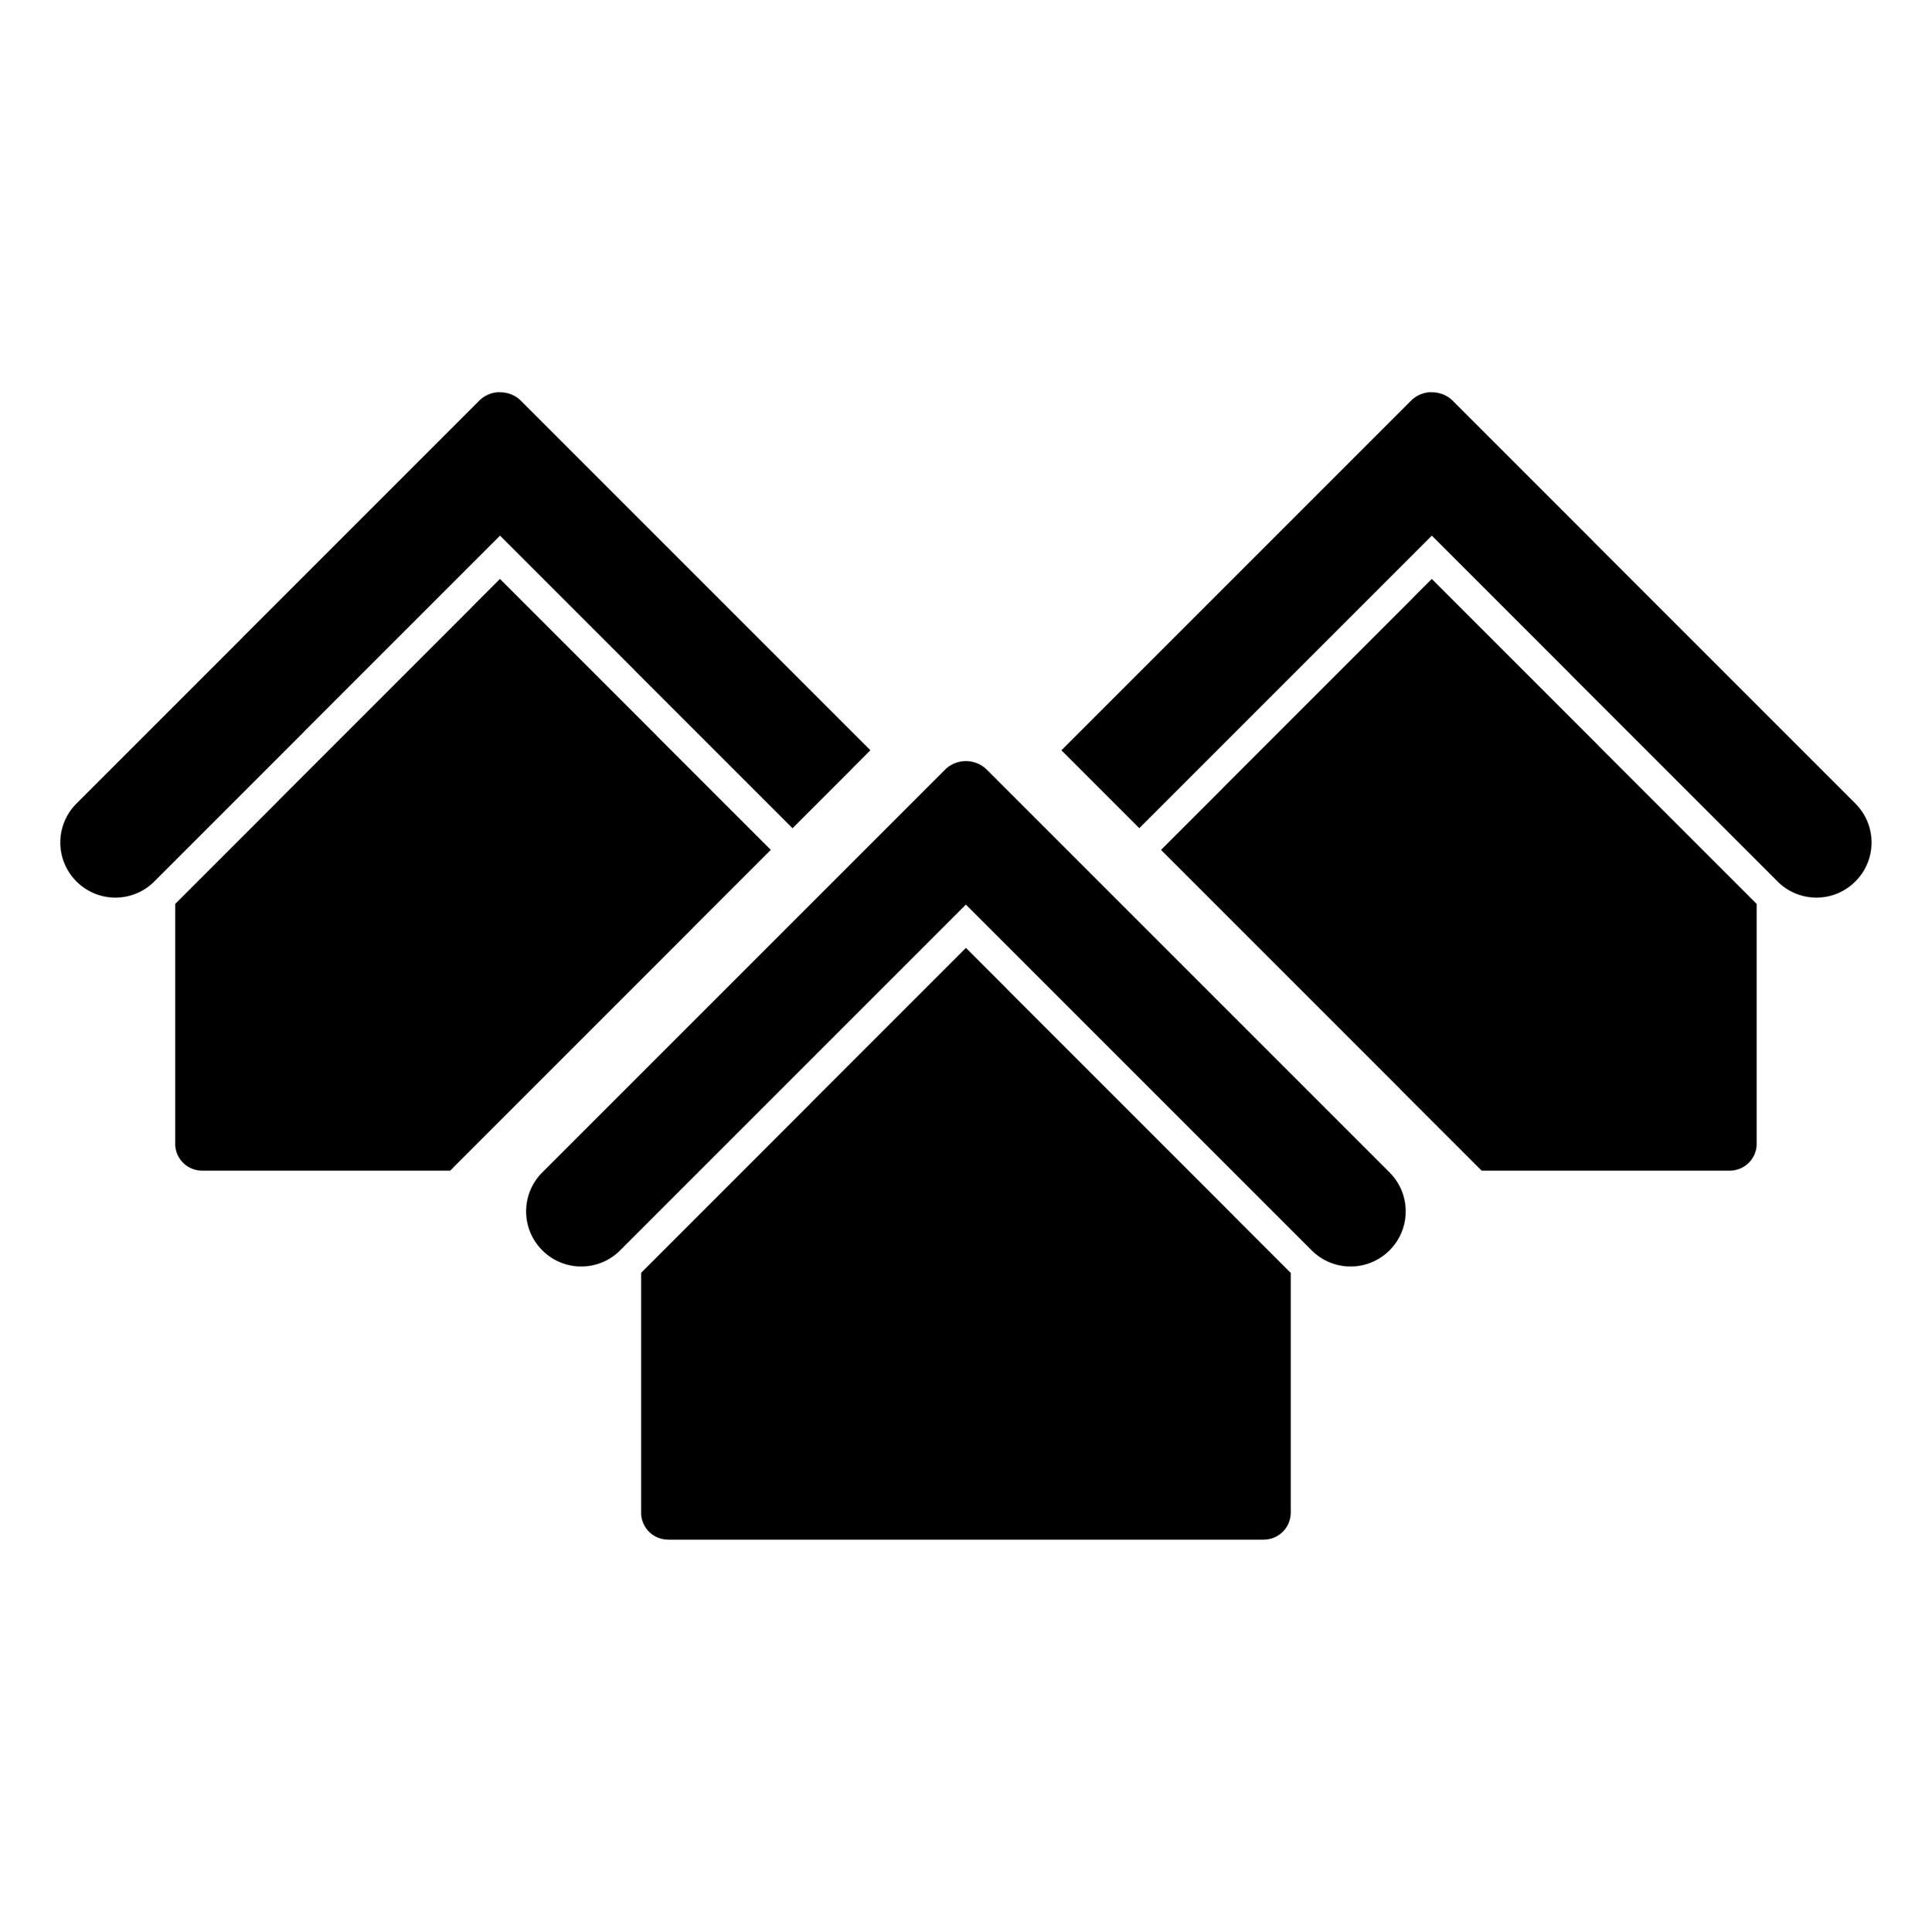 37 Nextdoor Neighborhoods /18,000 Total Population -